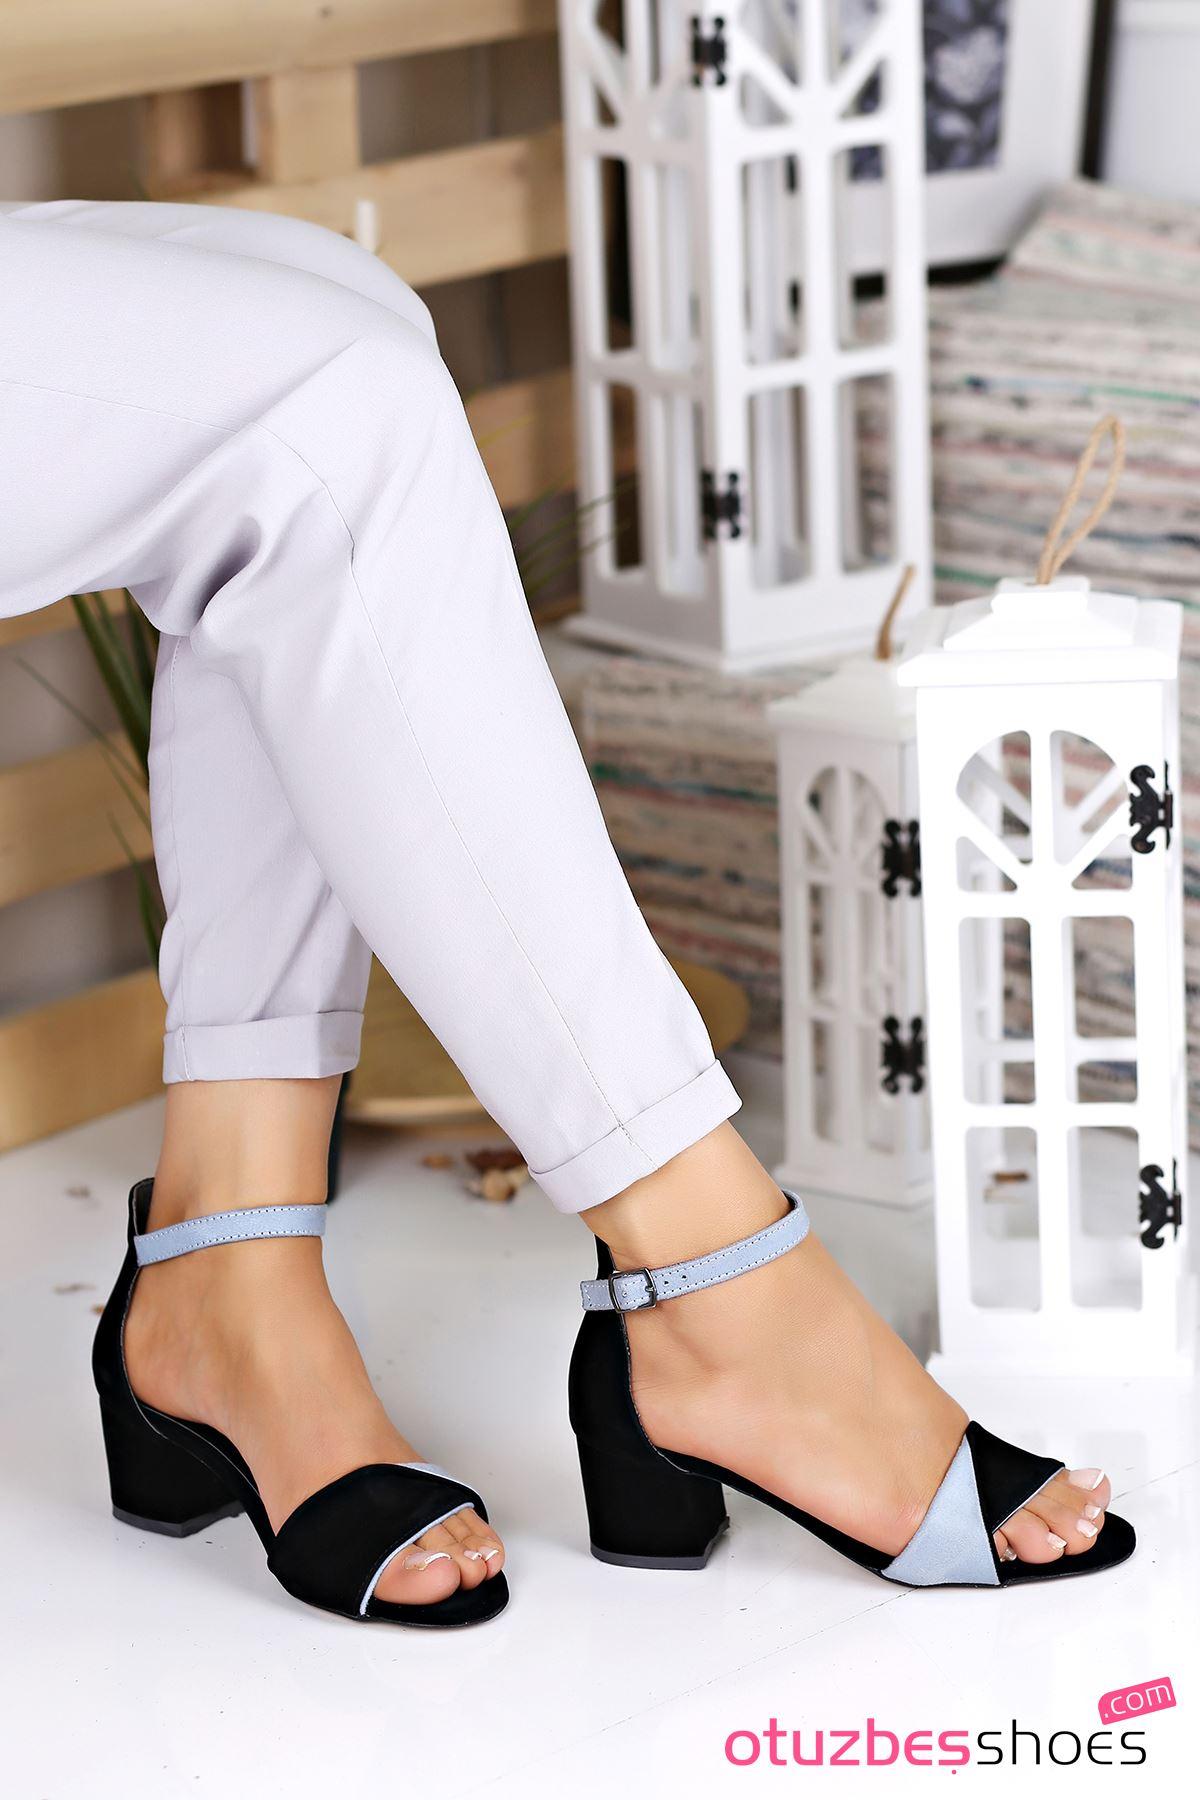 Mellow Bebek Mavi Süet Detay Topuklu Kadın Ayakkabı Siyah Süet